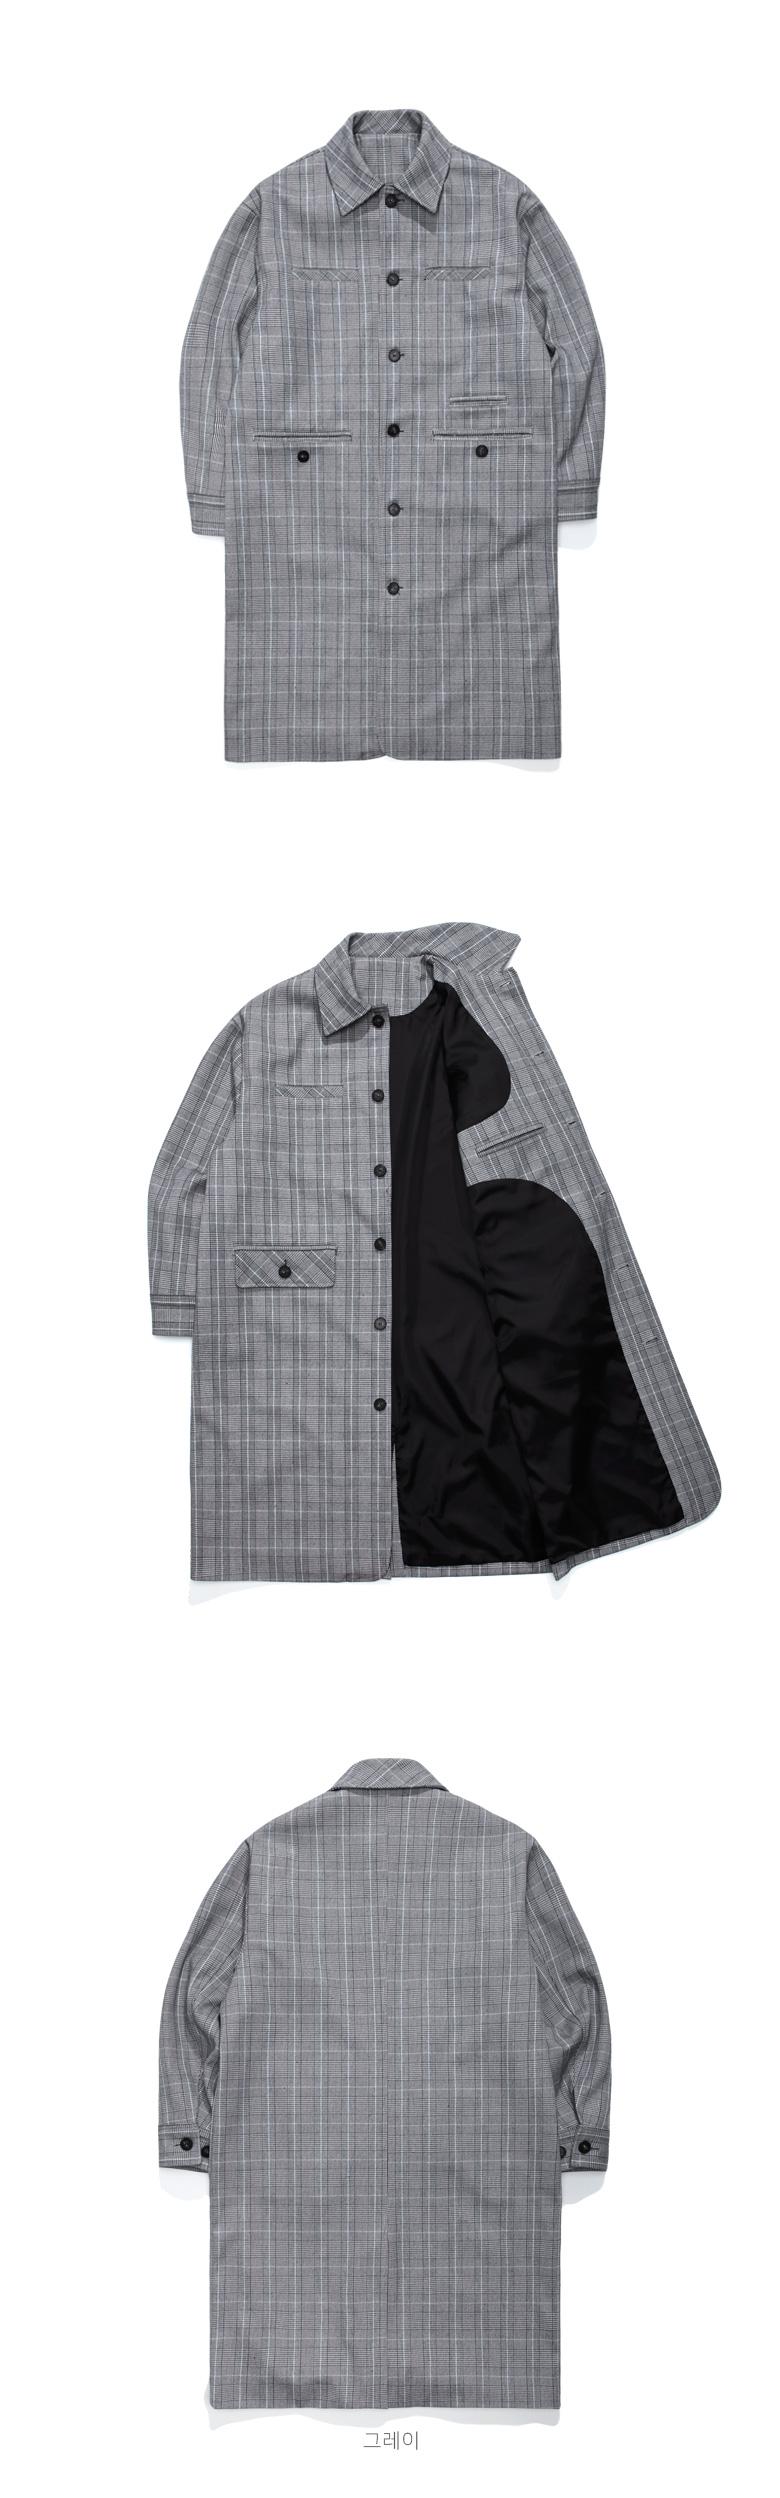 20190826_ez_blen_coat_detail_gray_ym_01.jpg